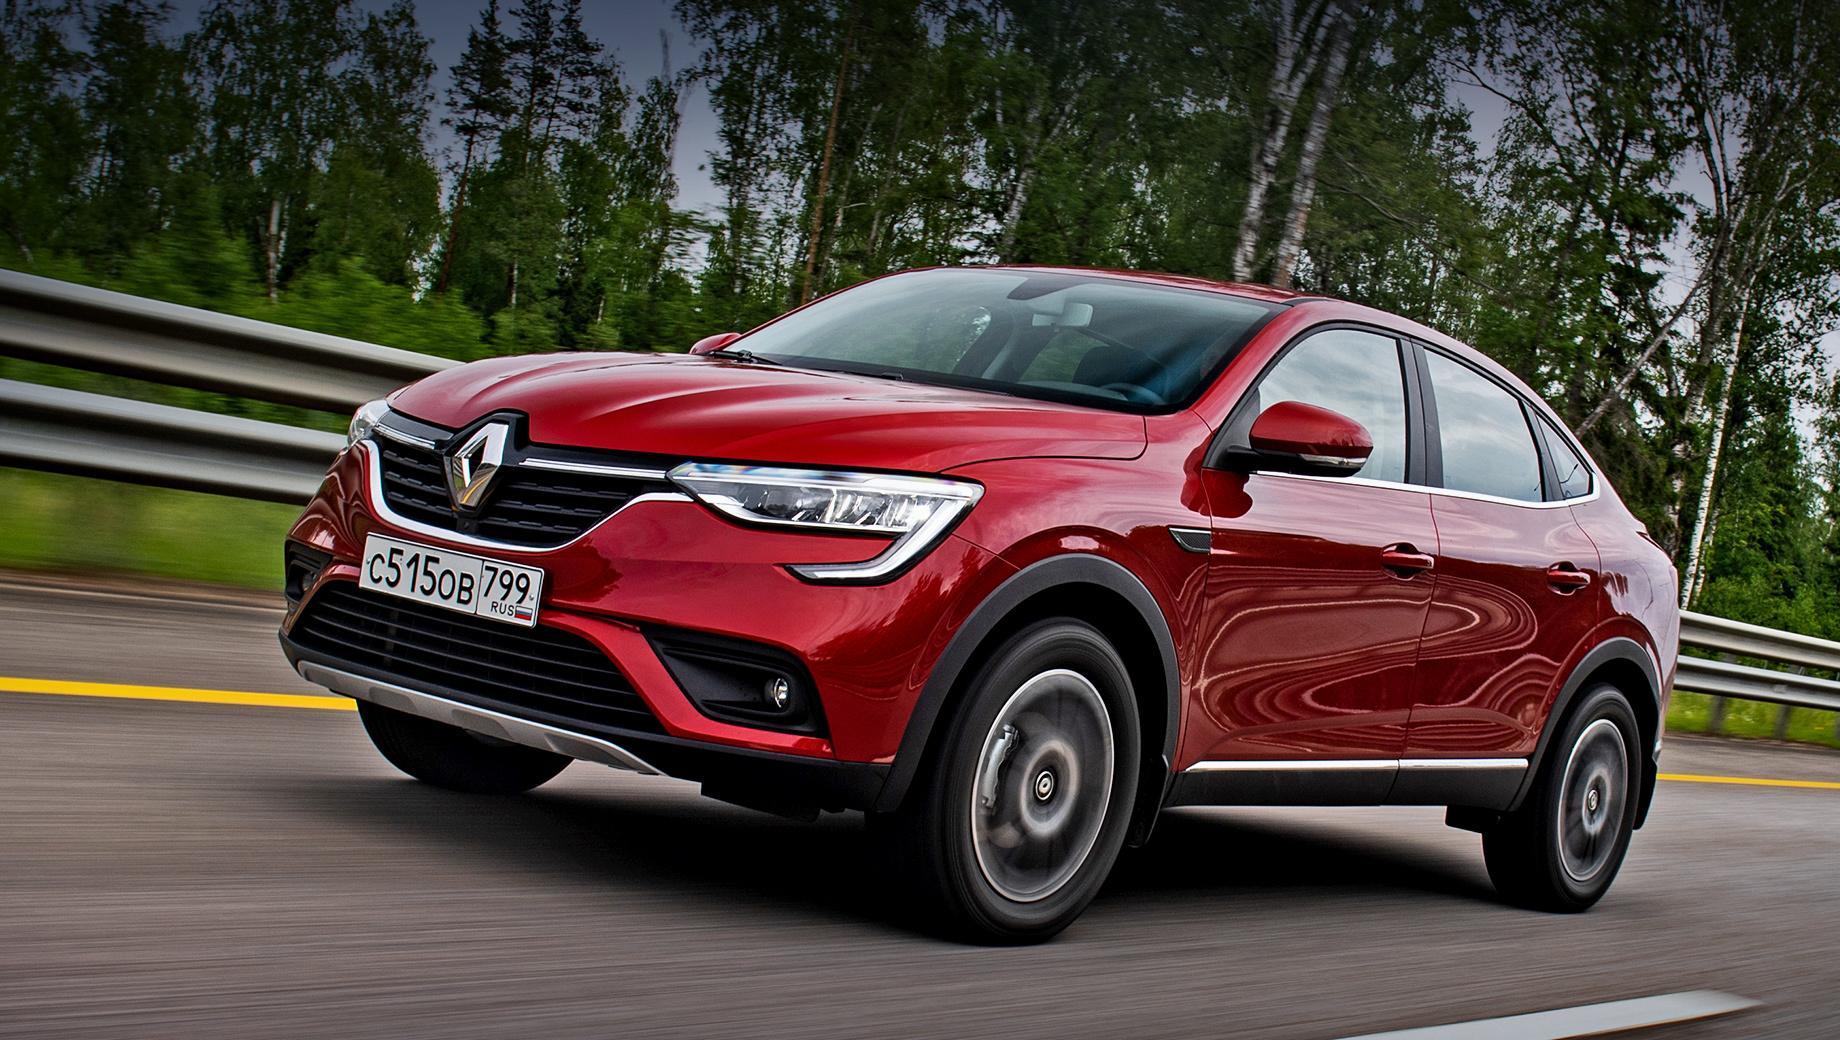 Renault arkana. В данный момент использовать сервис FOTA могут лишь 1500 покупателей Арканы, выбранные случайным образом. Остальные владельцы кроссовера (существующие и будущие) должны быть охвачены «в ближайшее время».